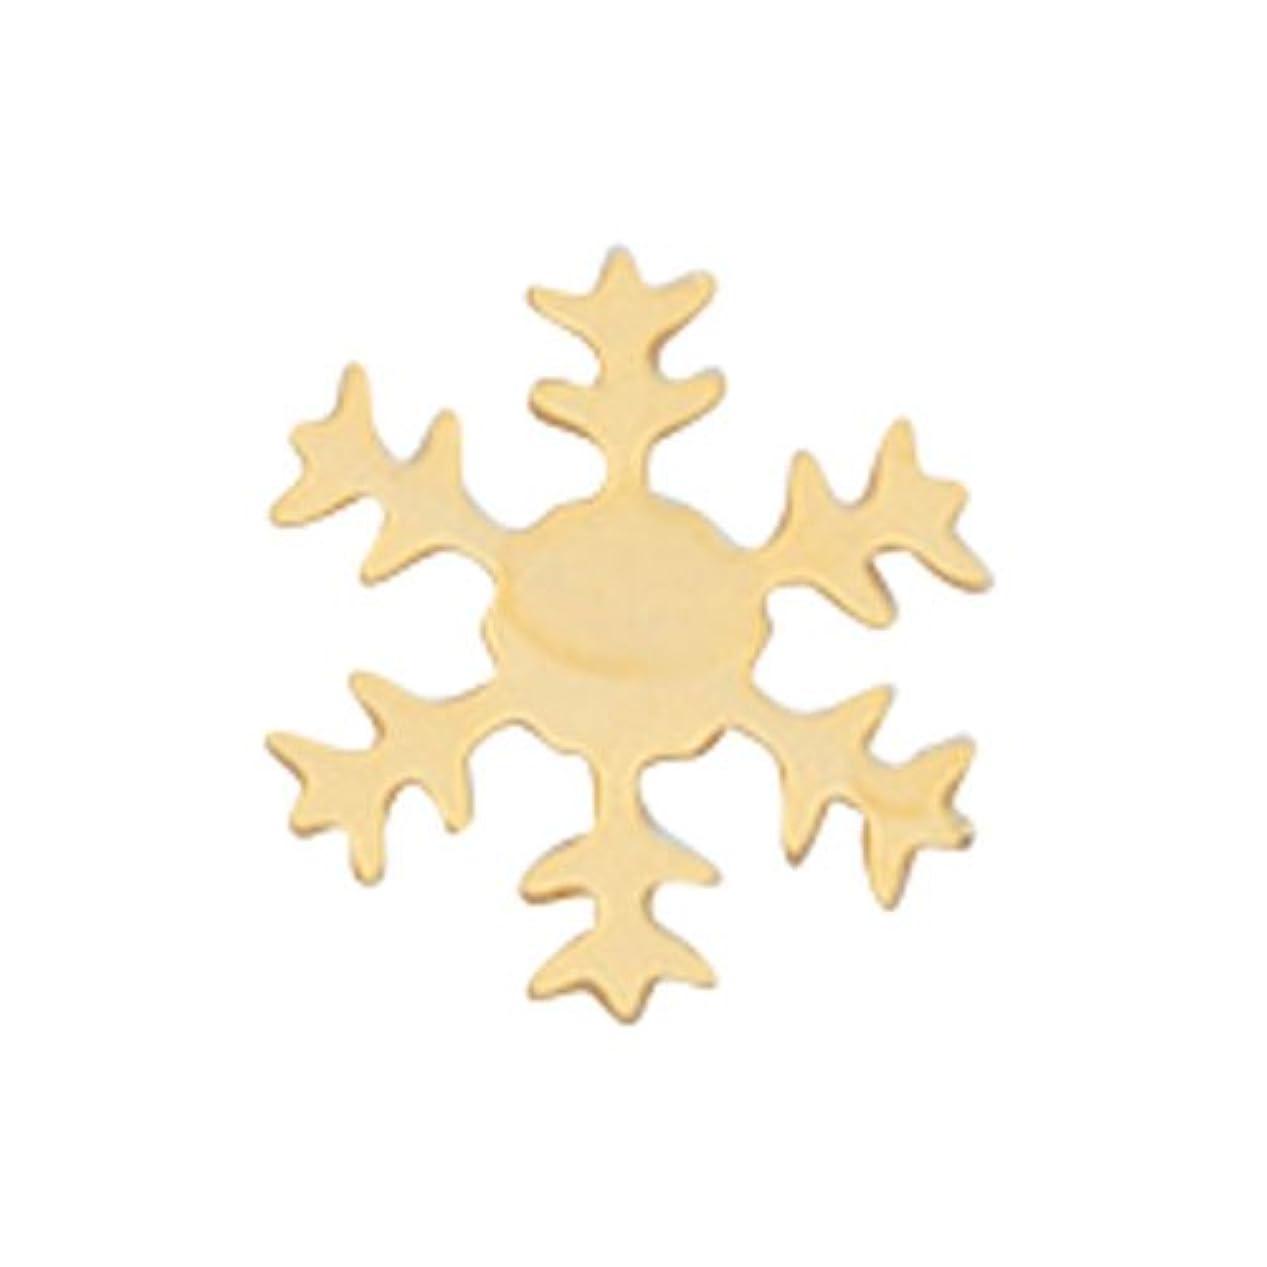 のためにホイップ敬なリトルプリティー ネイルアートパーツ スノーフレーク SS ゴールド 10個